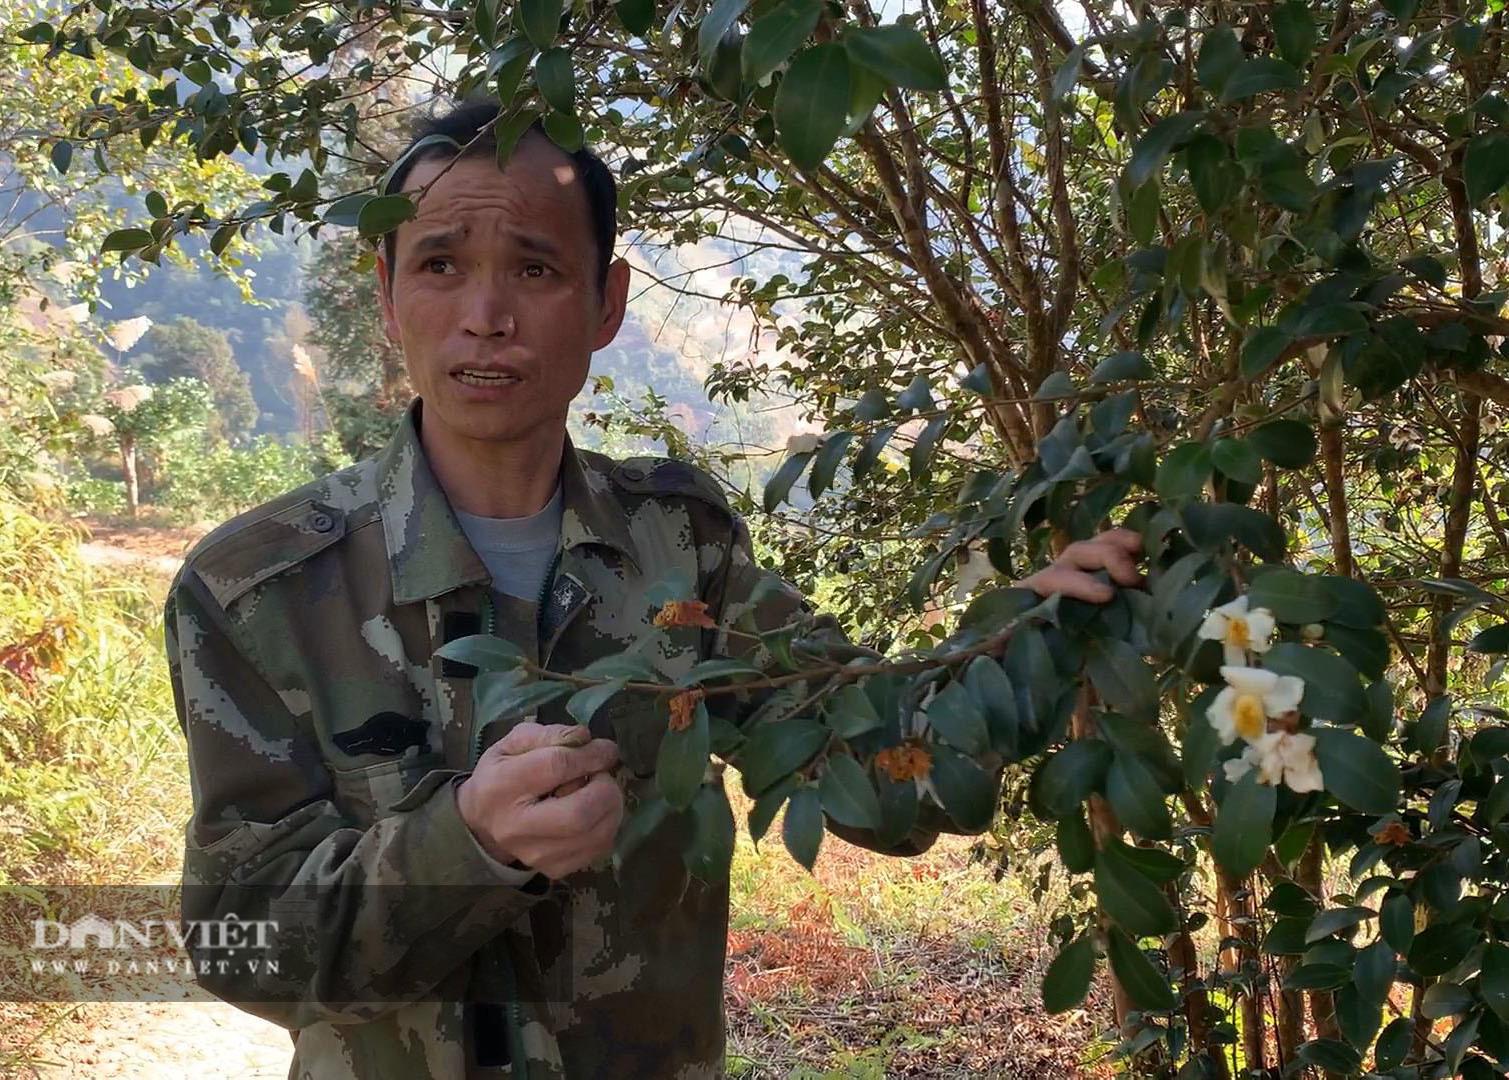 Cao Bằng: Trồng cây cho thứ dầu tưởng chỉ người nghèo mới ăn mà giờ có tiền tìm mua đến khổ - Ảnh 2.